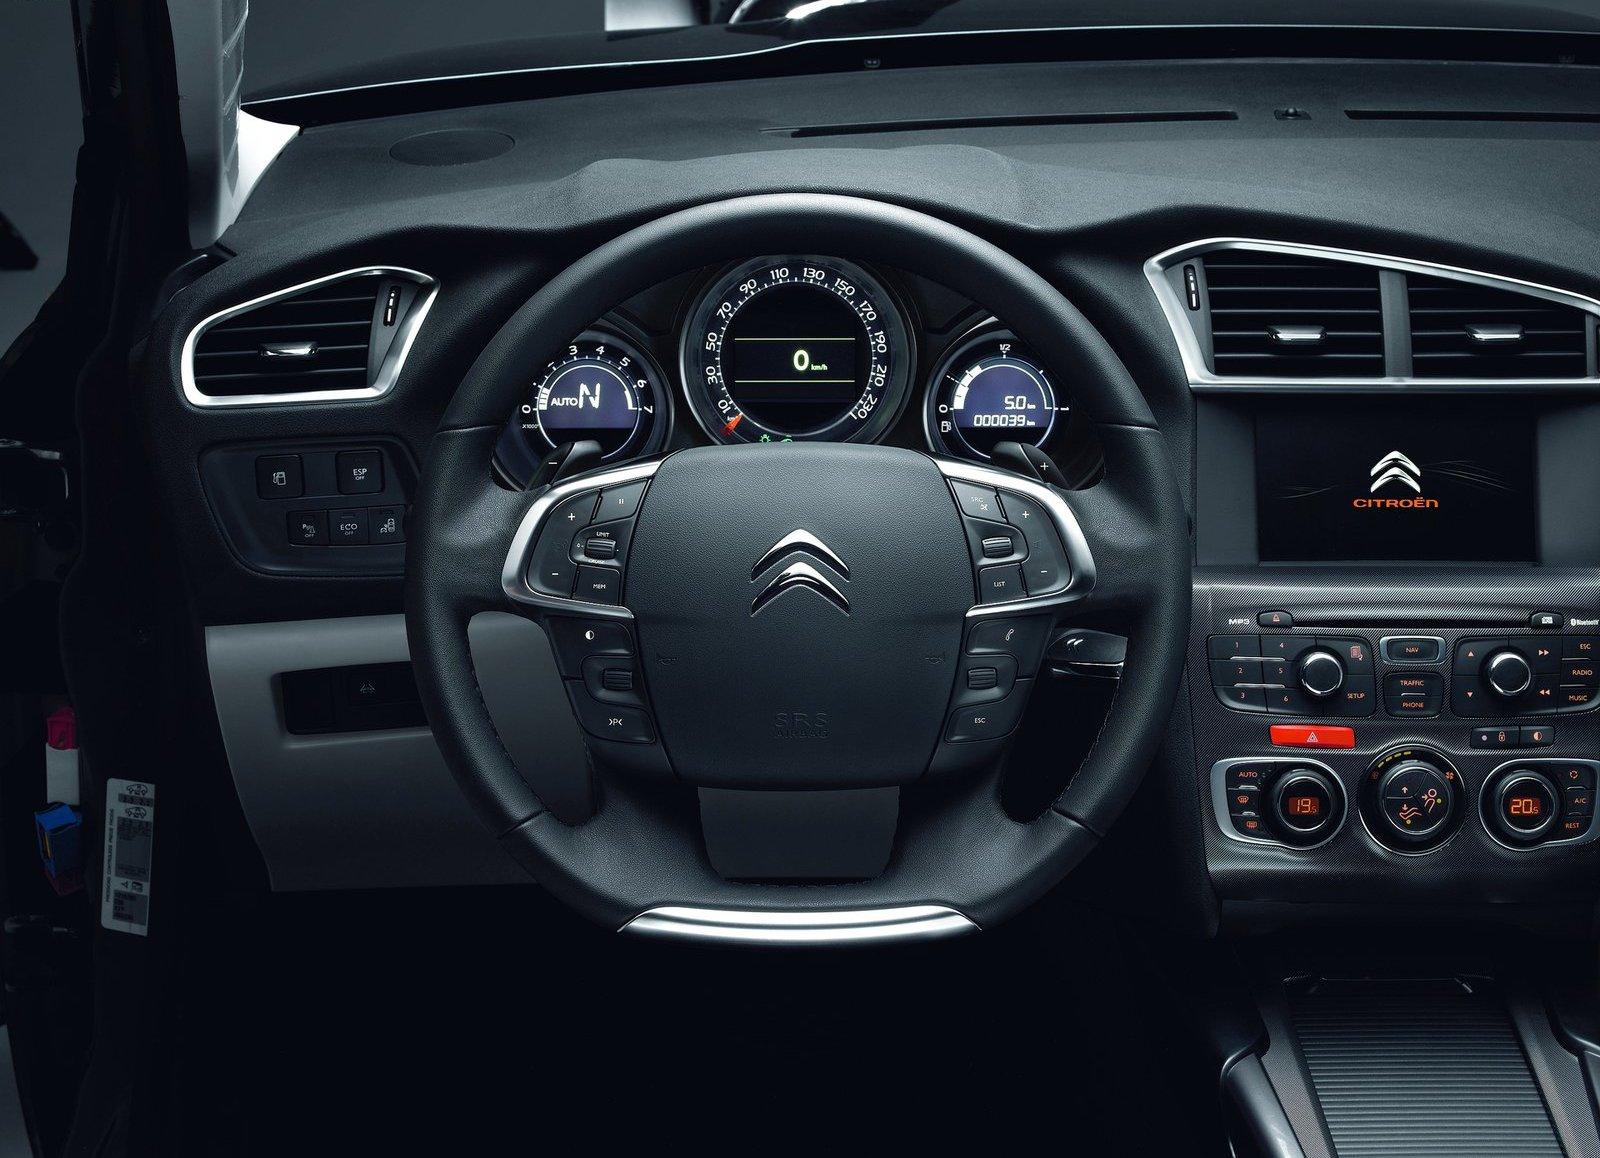 Intérieur - Page 1 - Citroën C4 (2011) - http://citroen.c4.free.fr/